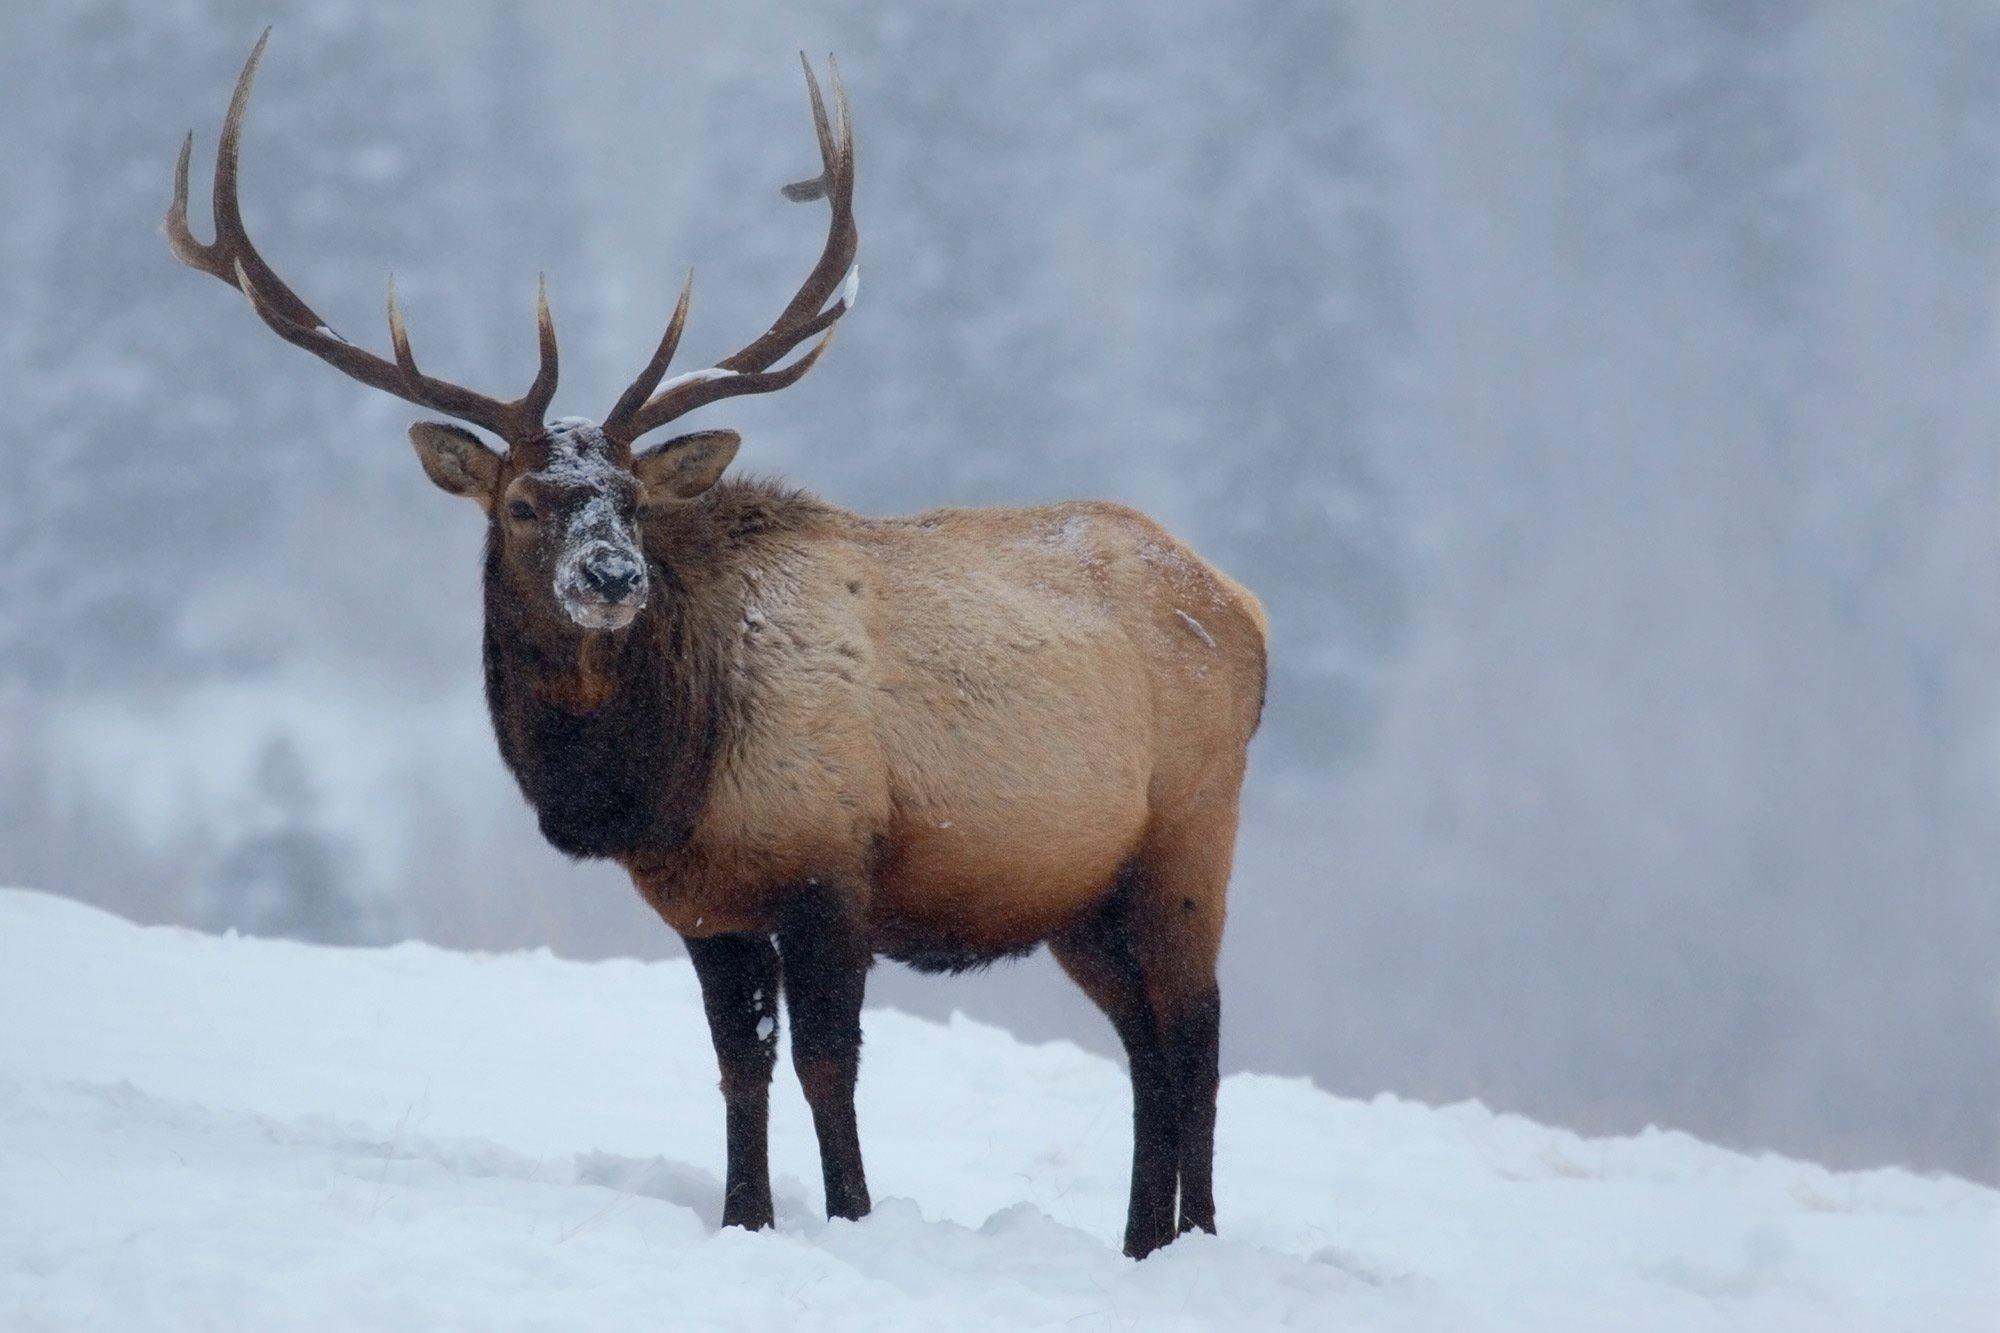 Elk standing in snow